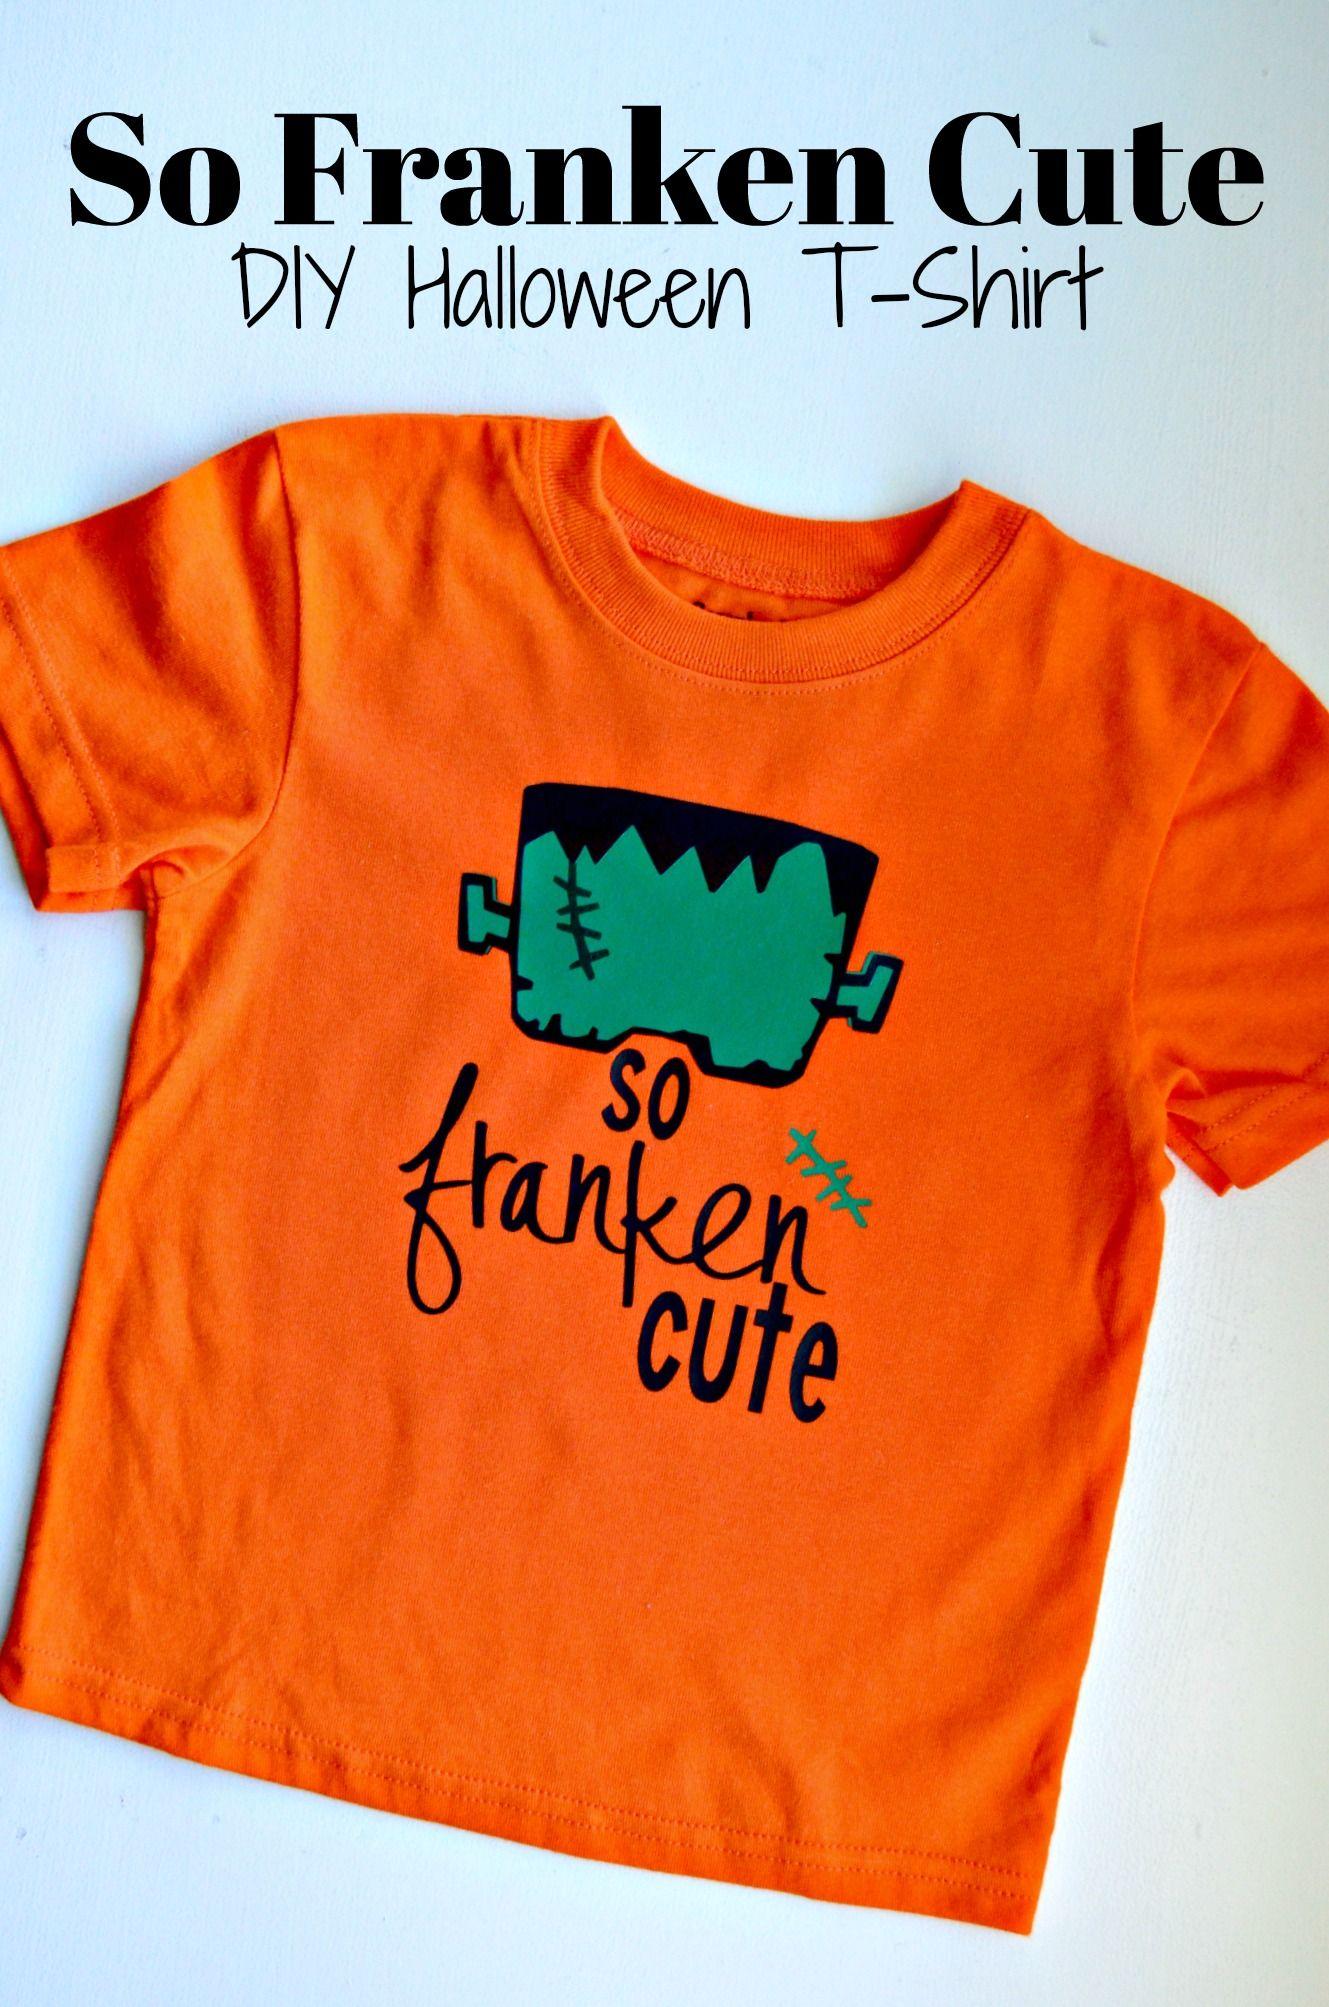 Halloween T Shirt Ideas Diy.So Franken Cute Diy Halloween T Shirt Diy T Shirt Ideas